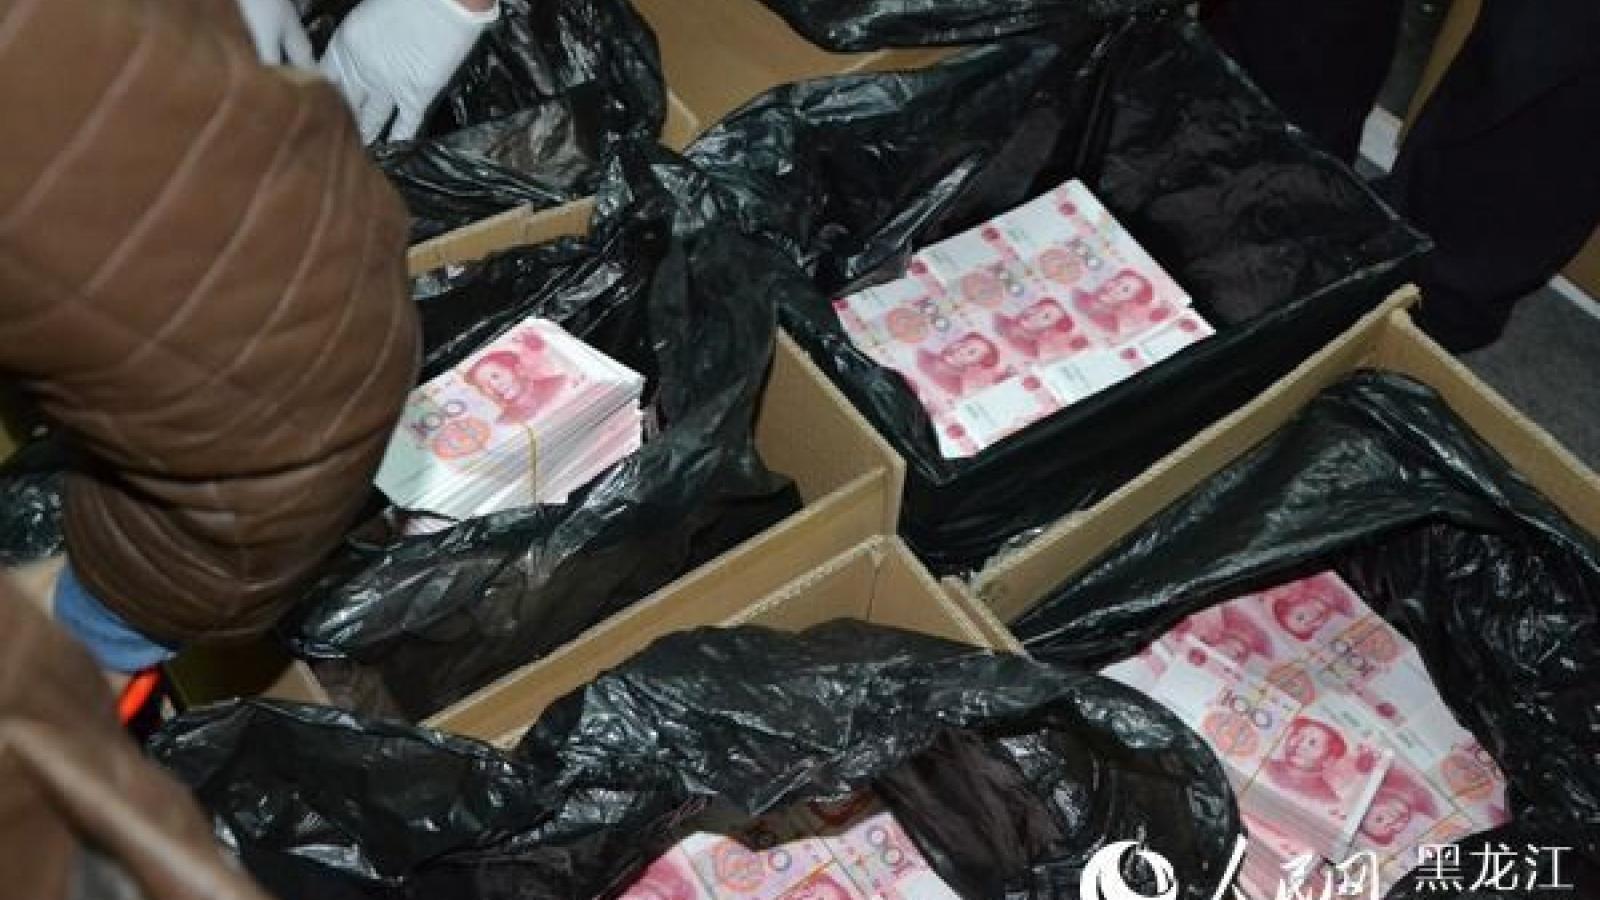 Trung Quốc phá vụ án sản xuất tiền giả lớn nhất từ trước đến nay